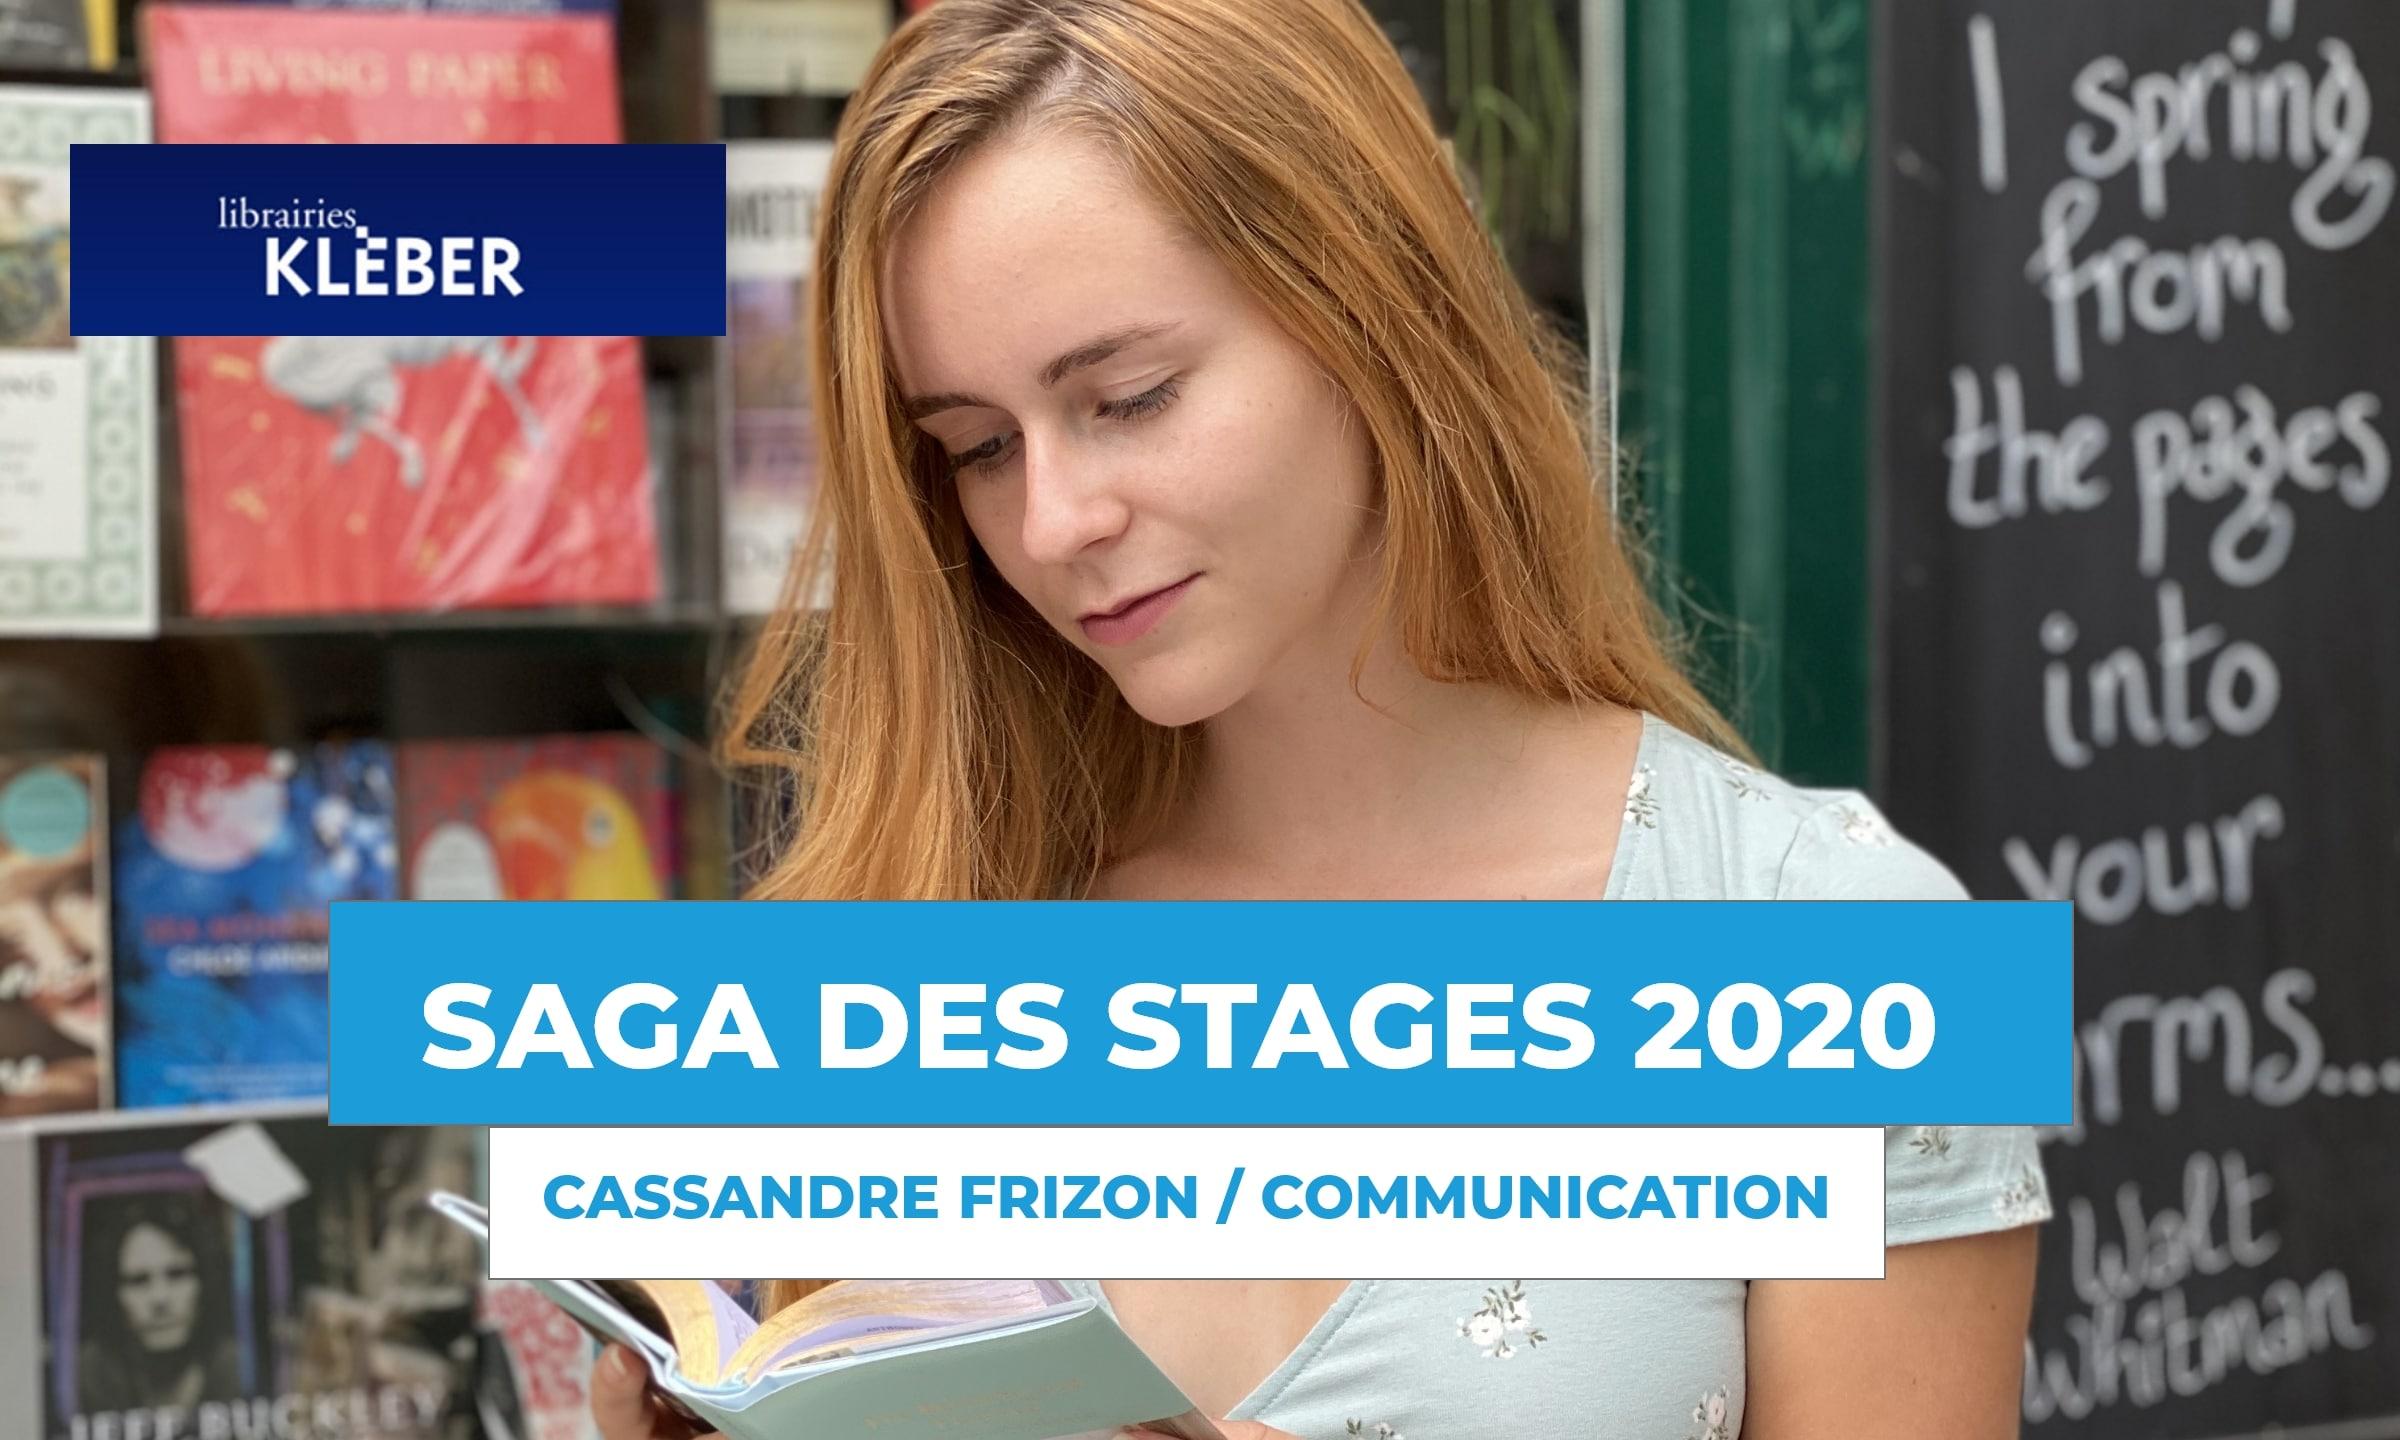 SAGA DES STAGES : rencontre avec Cassandre Frizon à la librairie Kleber !